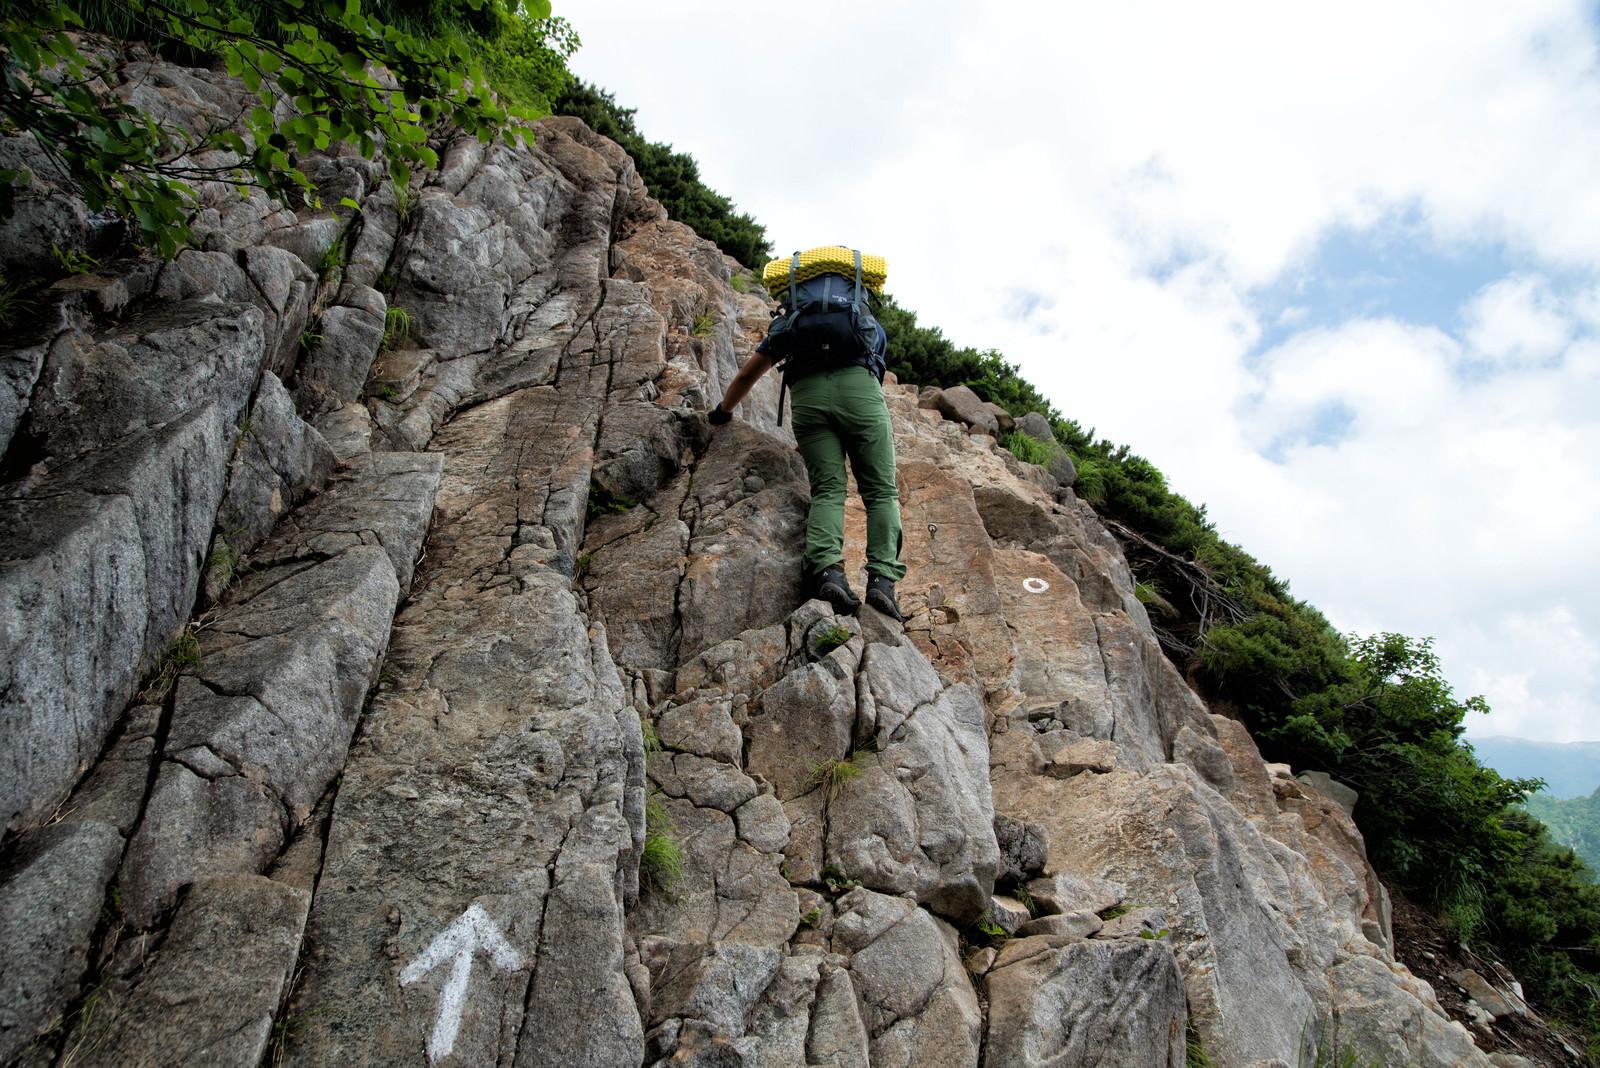 「険しい北穂高南陵の岩場に挑む登山者」の写真